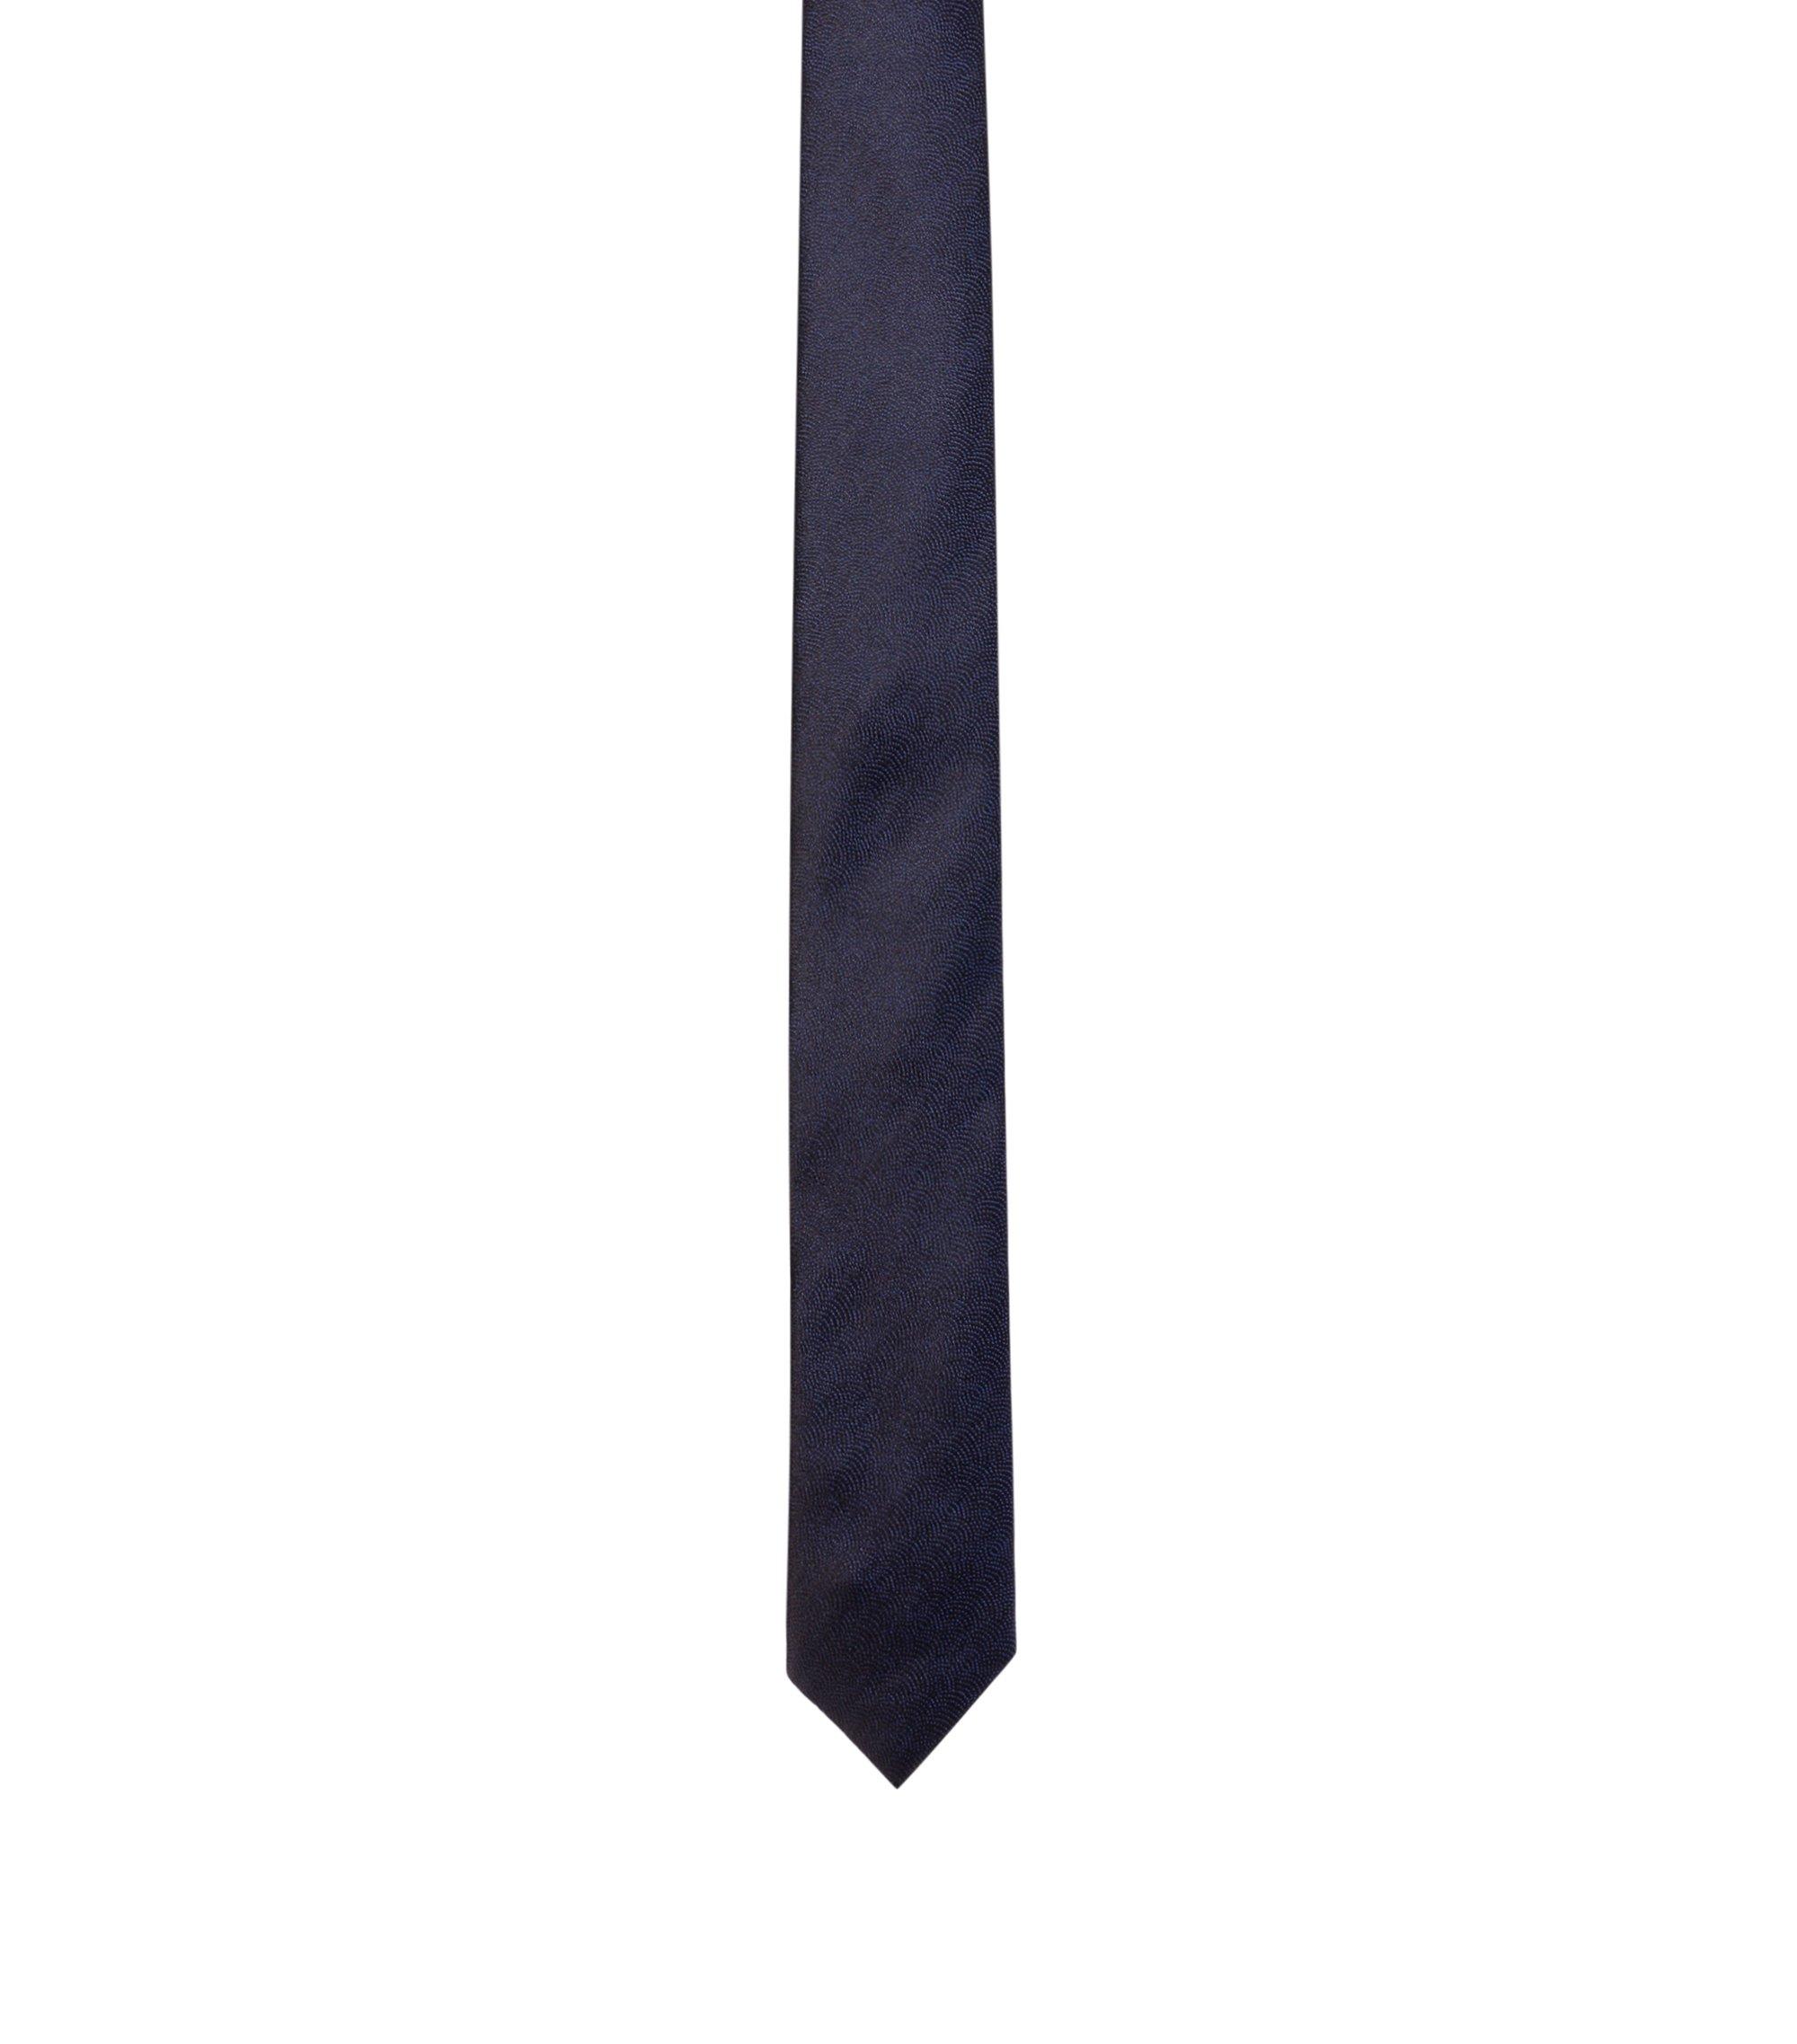 Corbata de seda con estampado geométrico , Azul oscuro